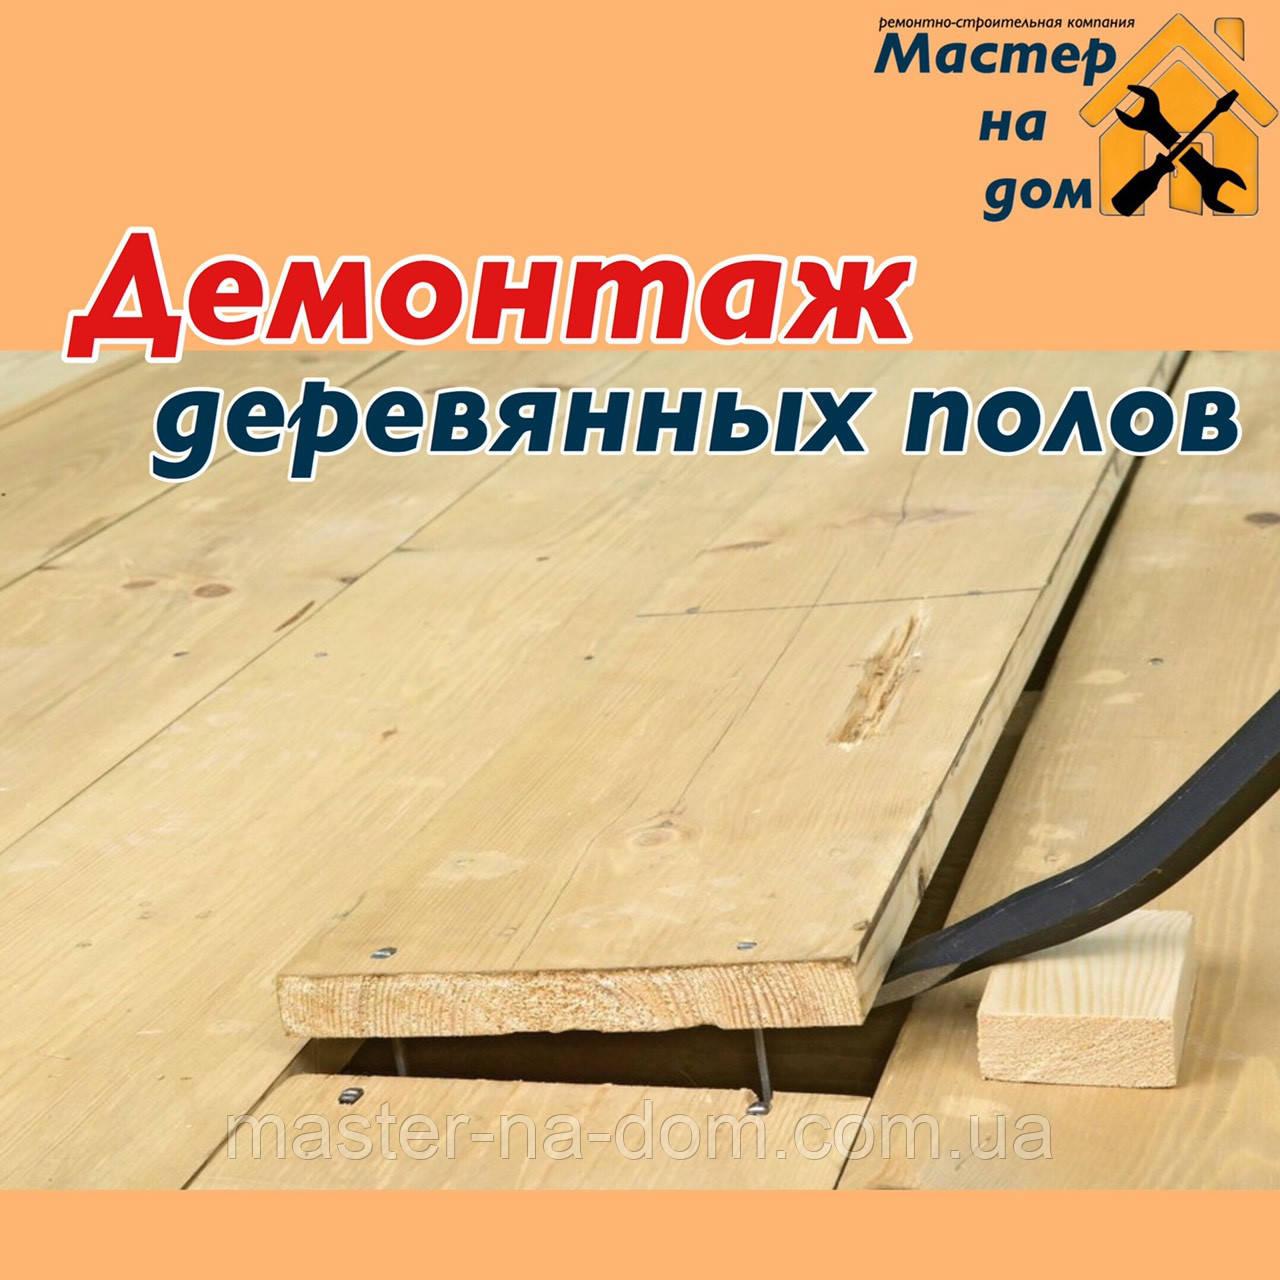 Демонтаж деревянных,паркетных полов в Одессе